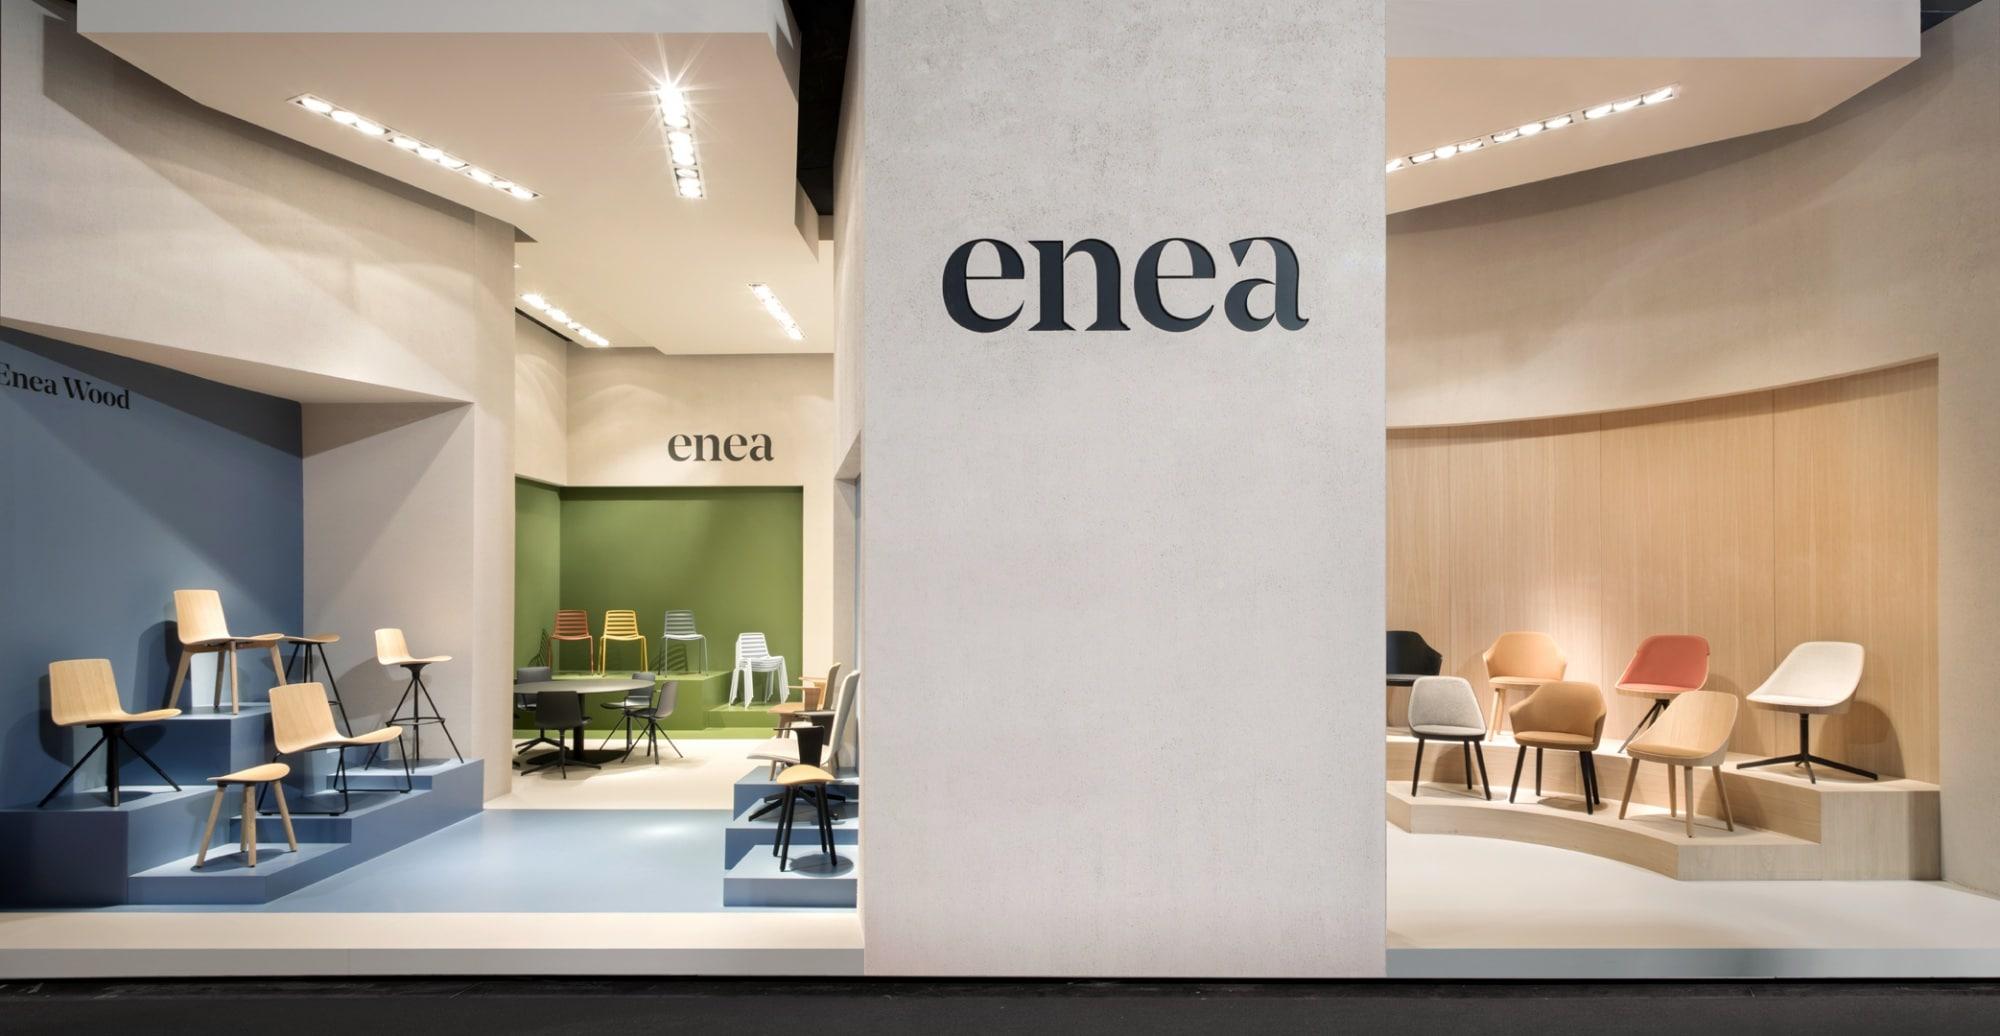 Enea Salone del Mobile 2018